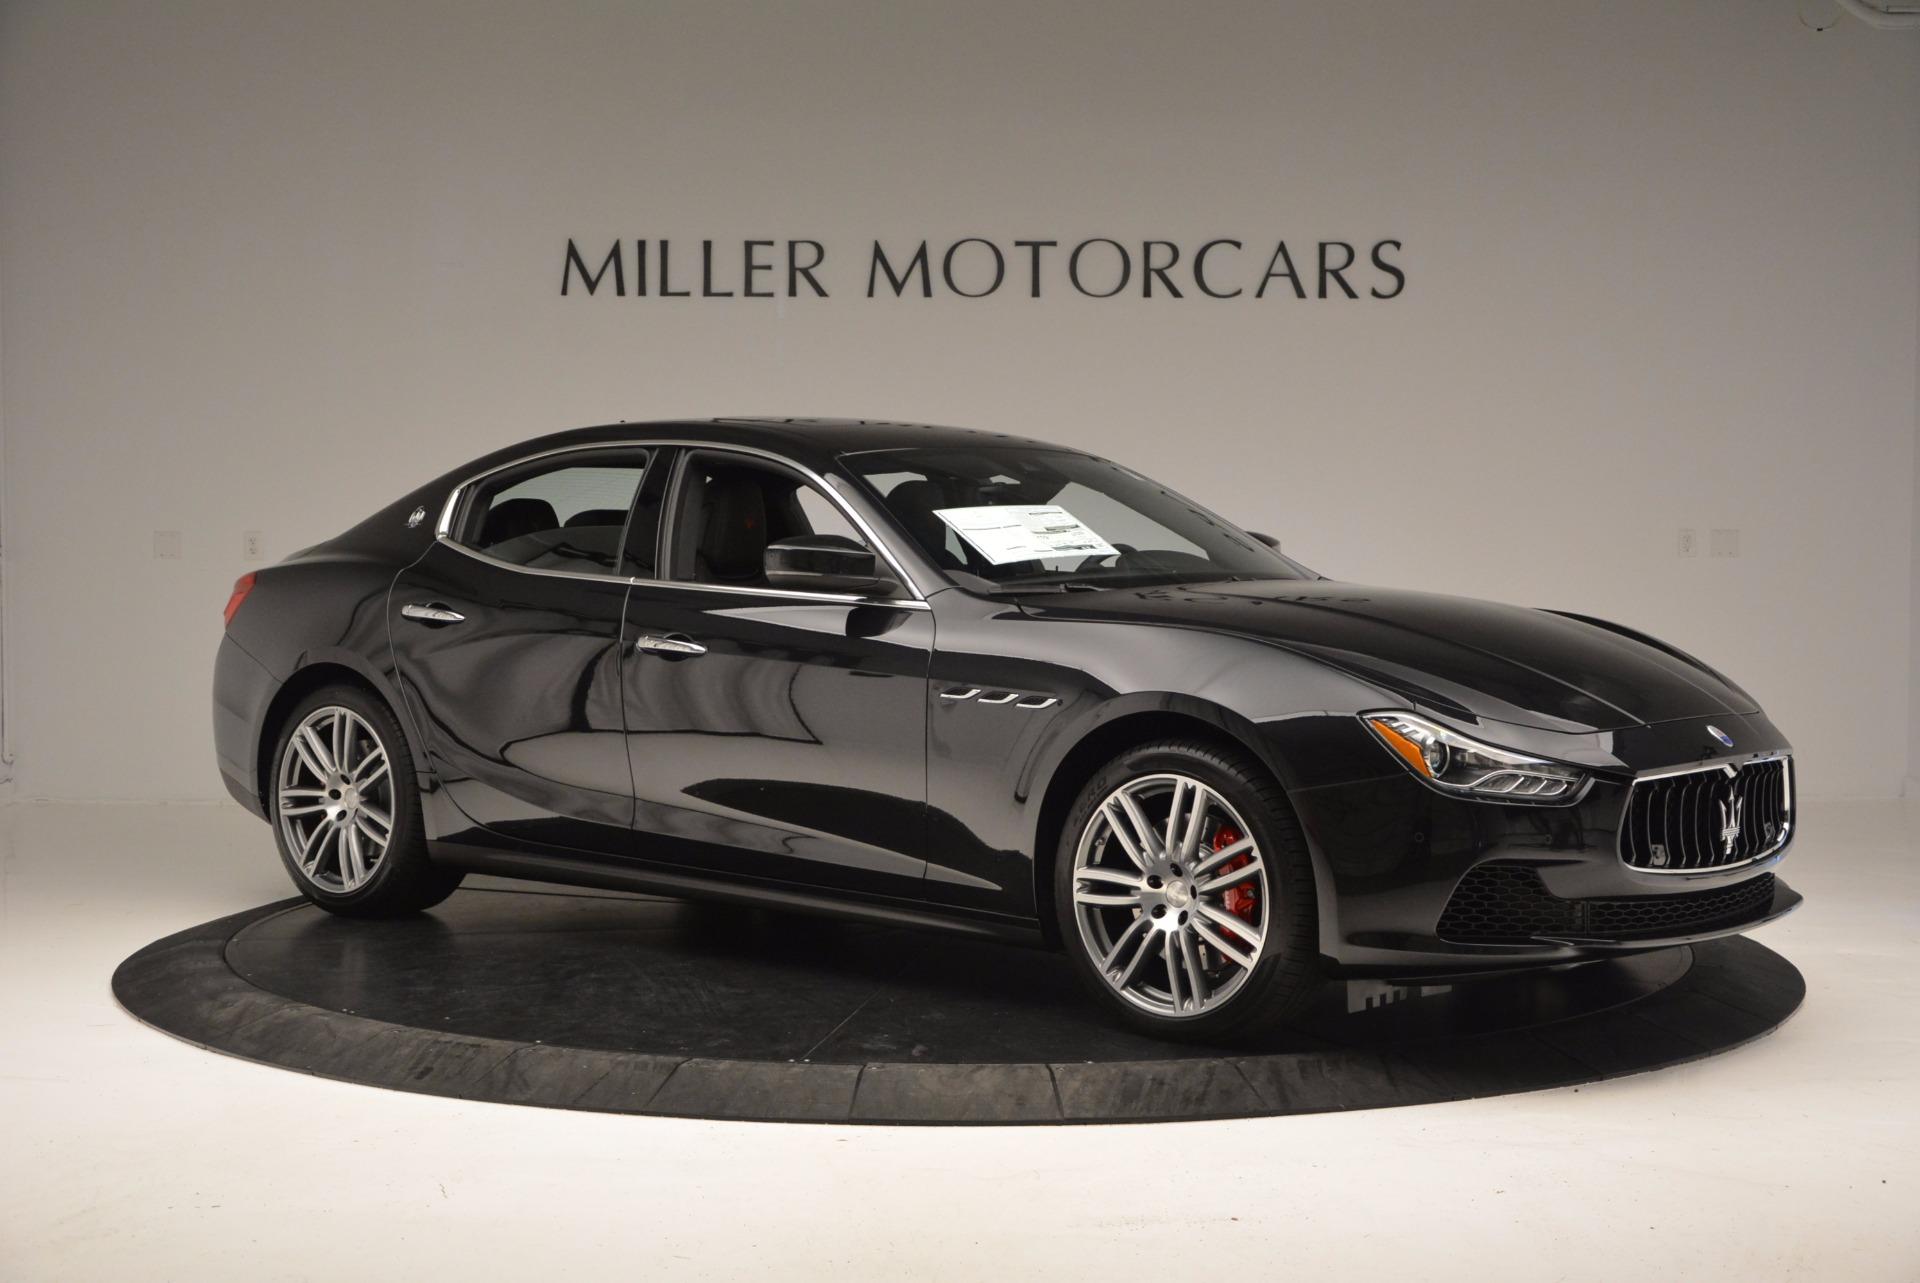 New 2017 Maserati Ghibli S Q4 For Sale In Greenwich, CT 1048_p9